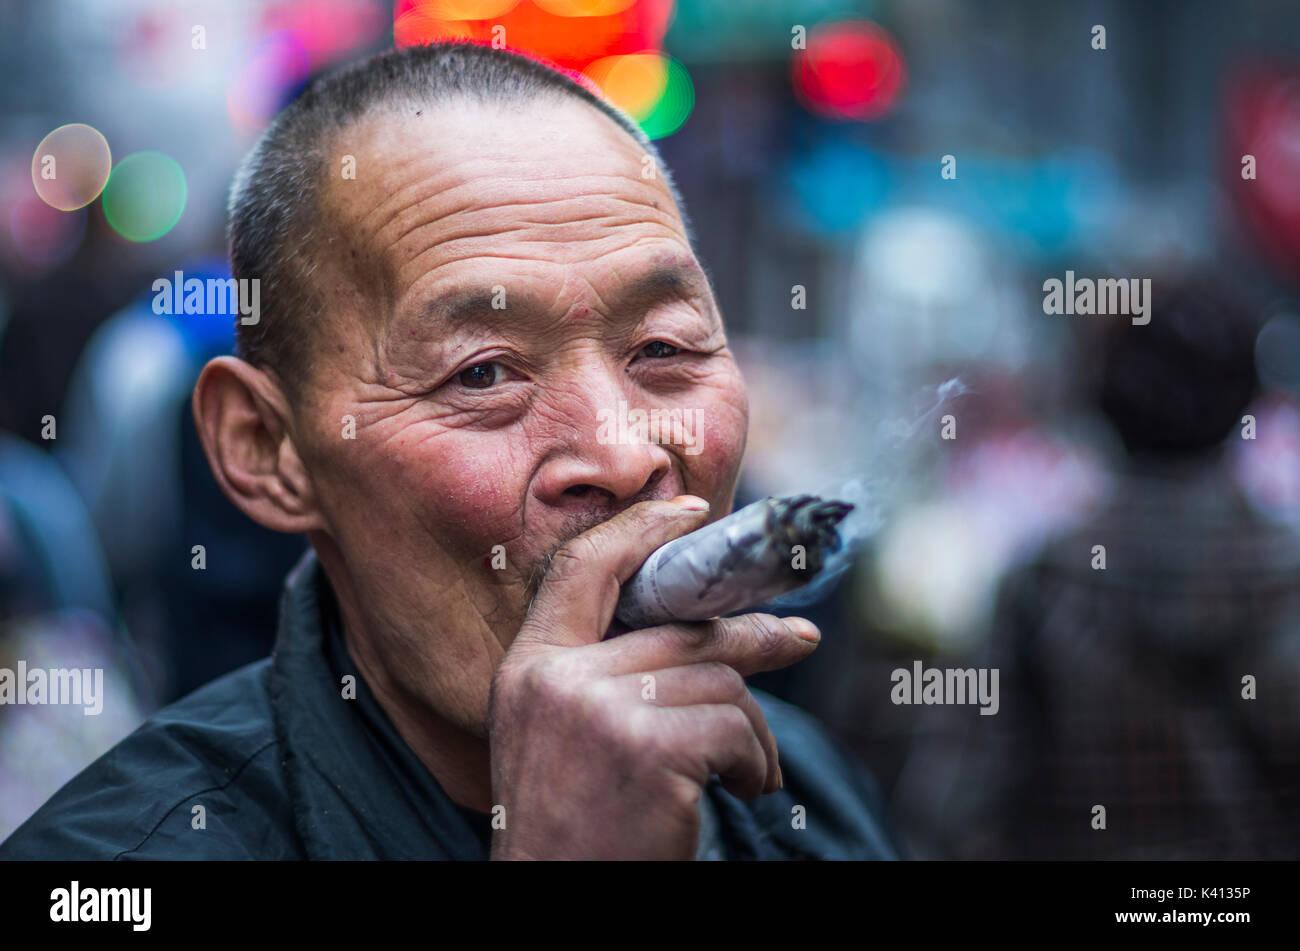 man-in-xian-smoking-a-big-cigar-china-K4